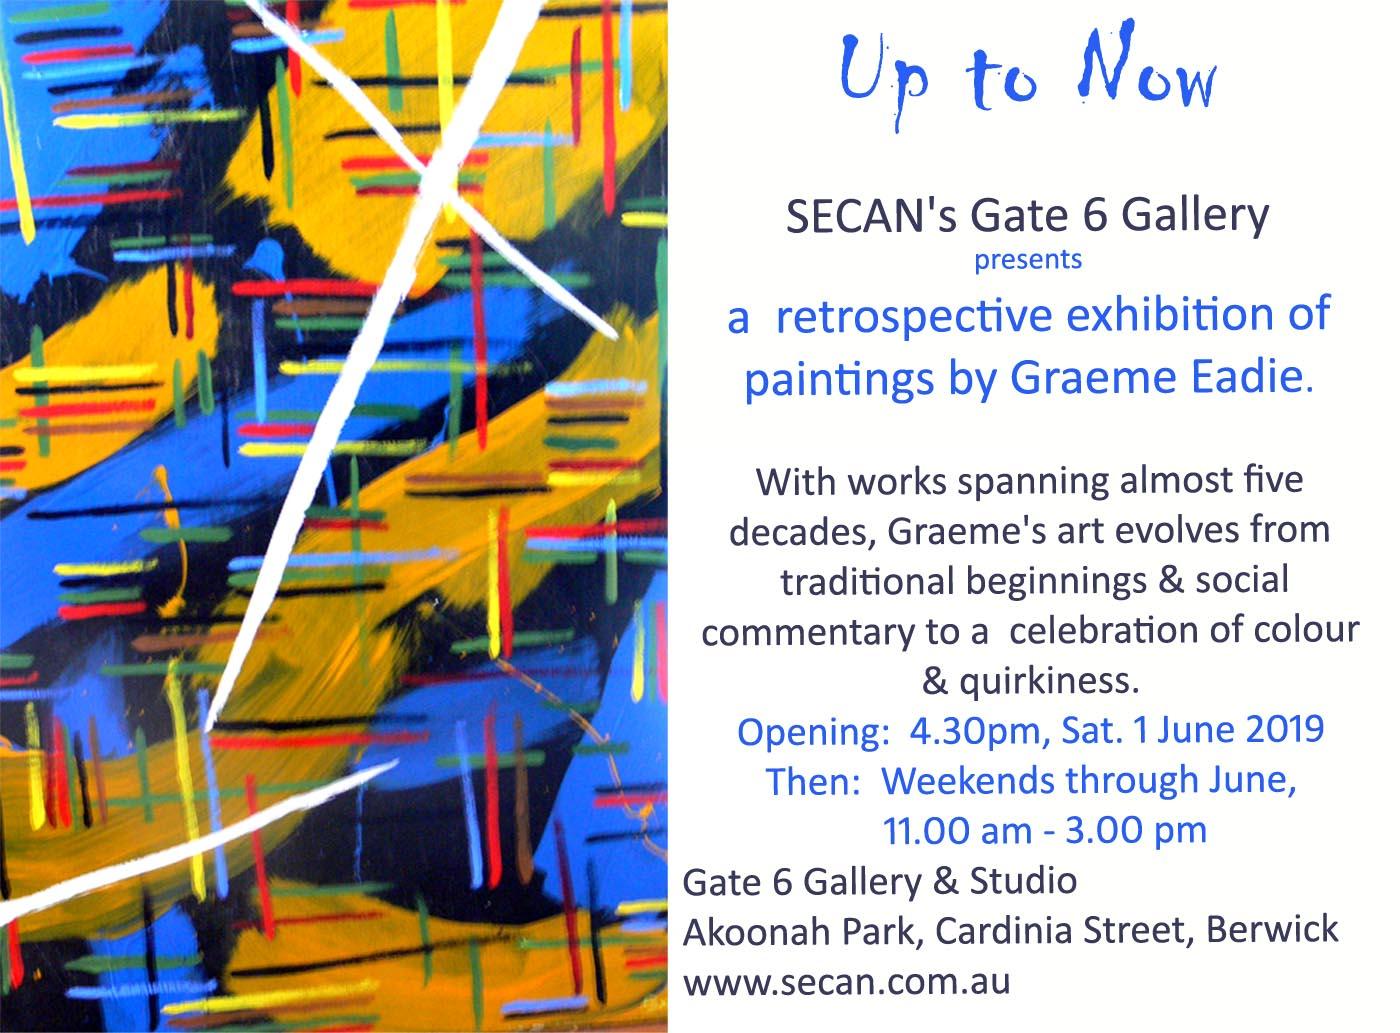 Graham Eadie Art Exhibition: Up To Now